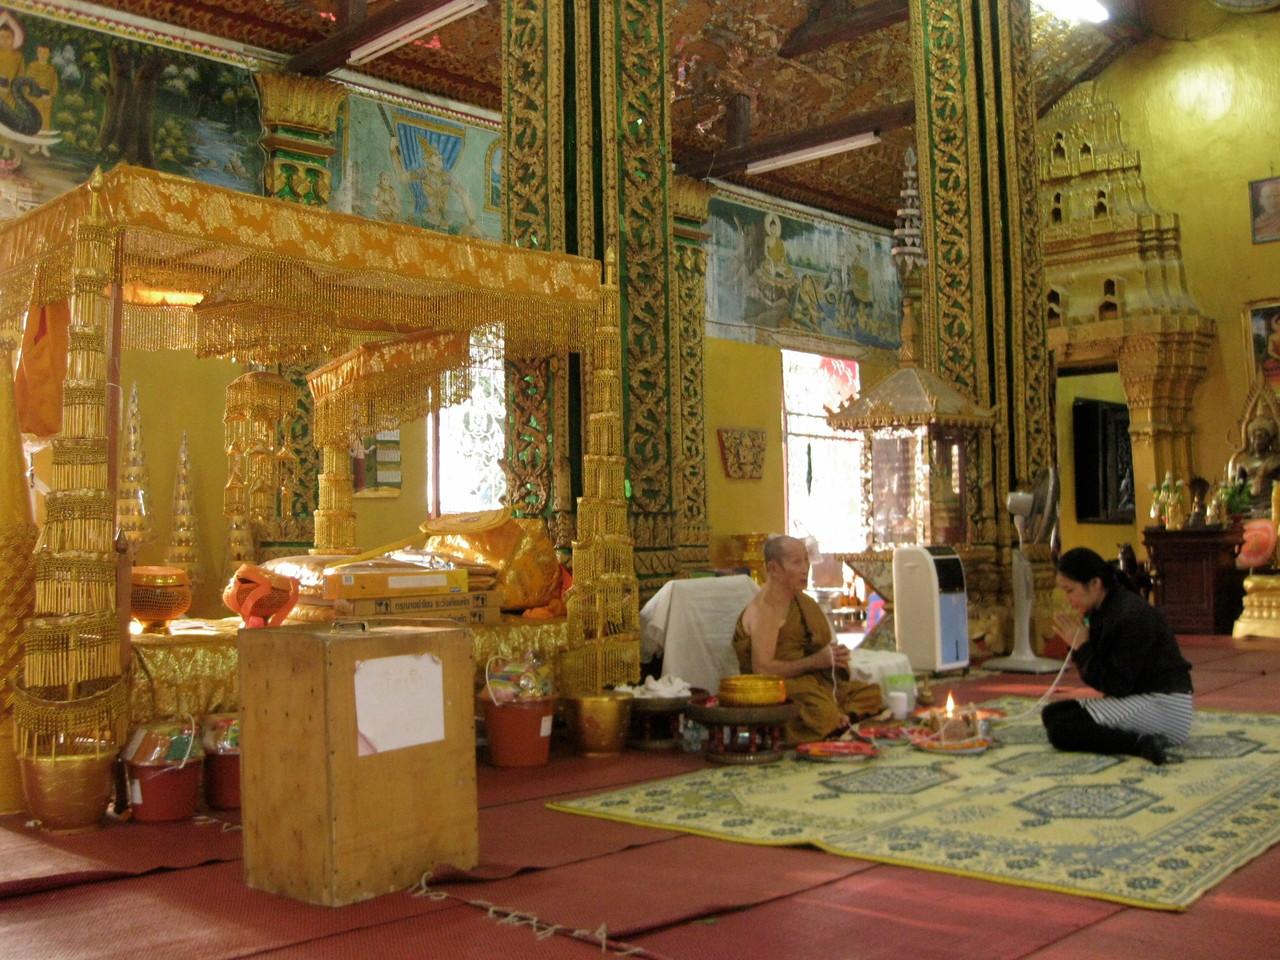 隣の部屋では僧侶が若い女性に占いのようなことをしておりました。